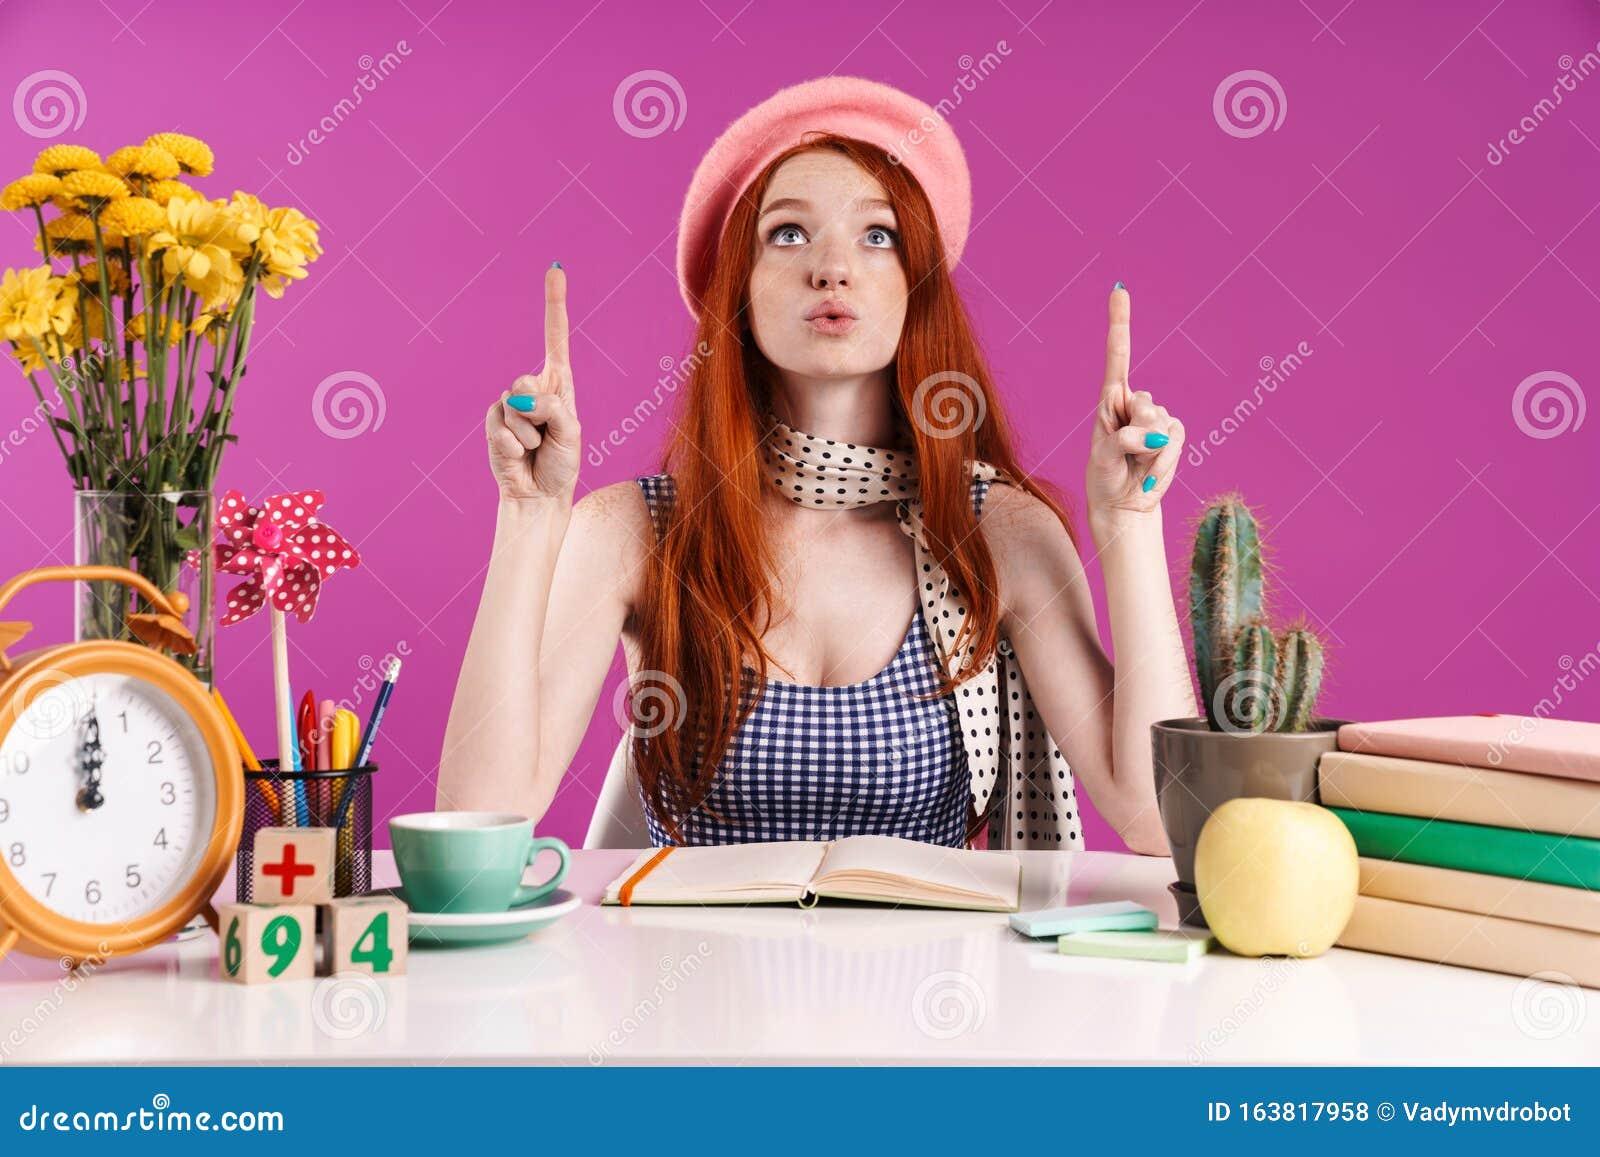 Girl Studying. Girl Doing Her Homework. School Books On